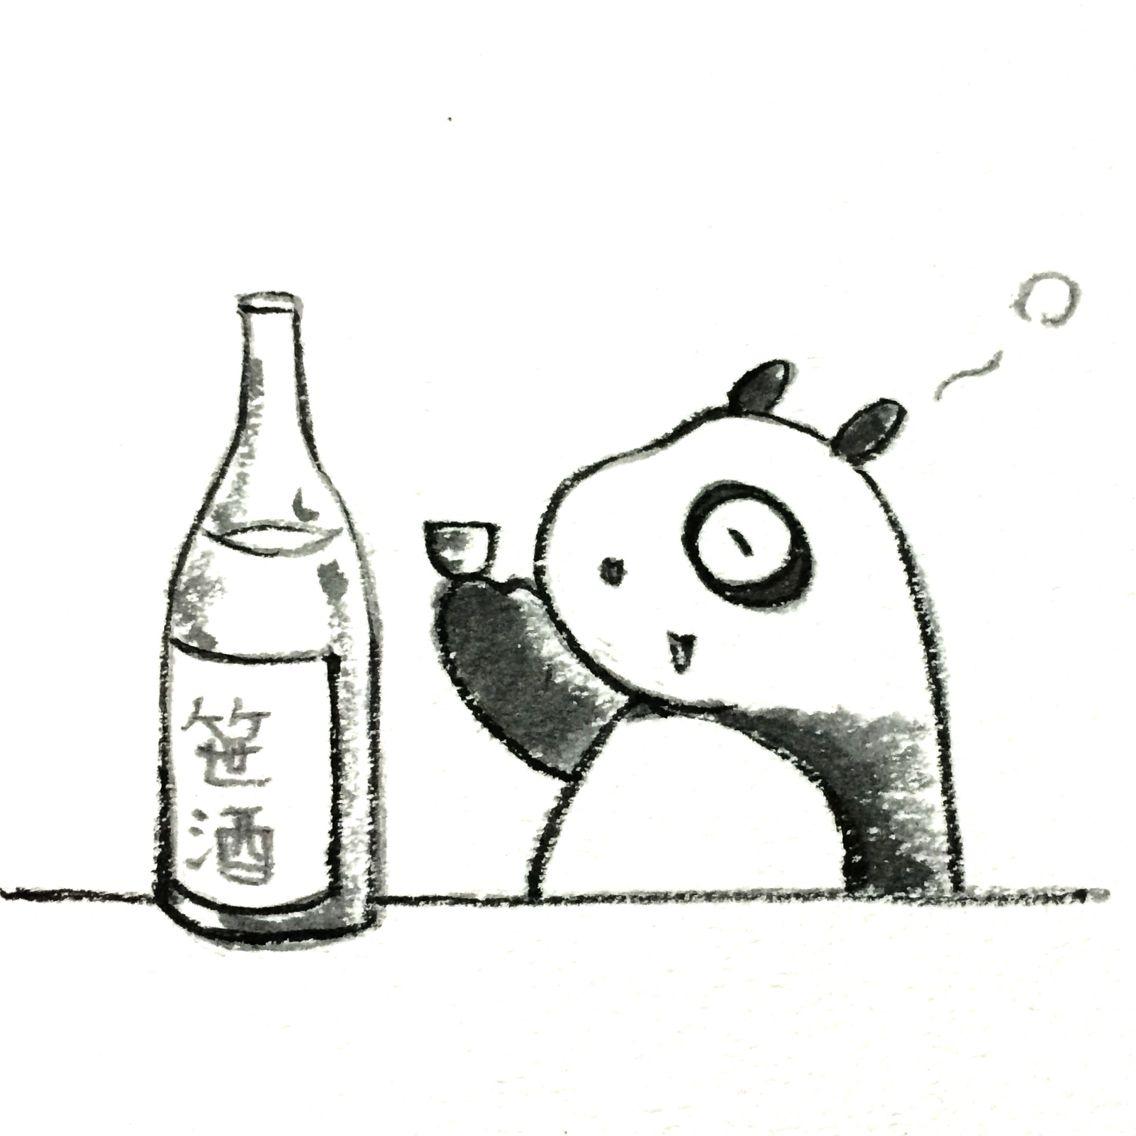 【一日一大熊猫】 2015.2.25 日本酒は温度が5度〜60度くらいまで幅広く飲める 結構珍しいタイプのアルコール飲料みたいだね。 地域色が強いから比較的、地産地消率が高いのかな。 http://osaru-panda.jimdo.com